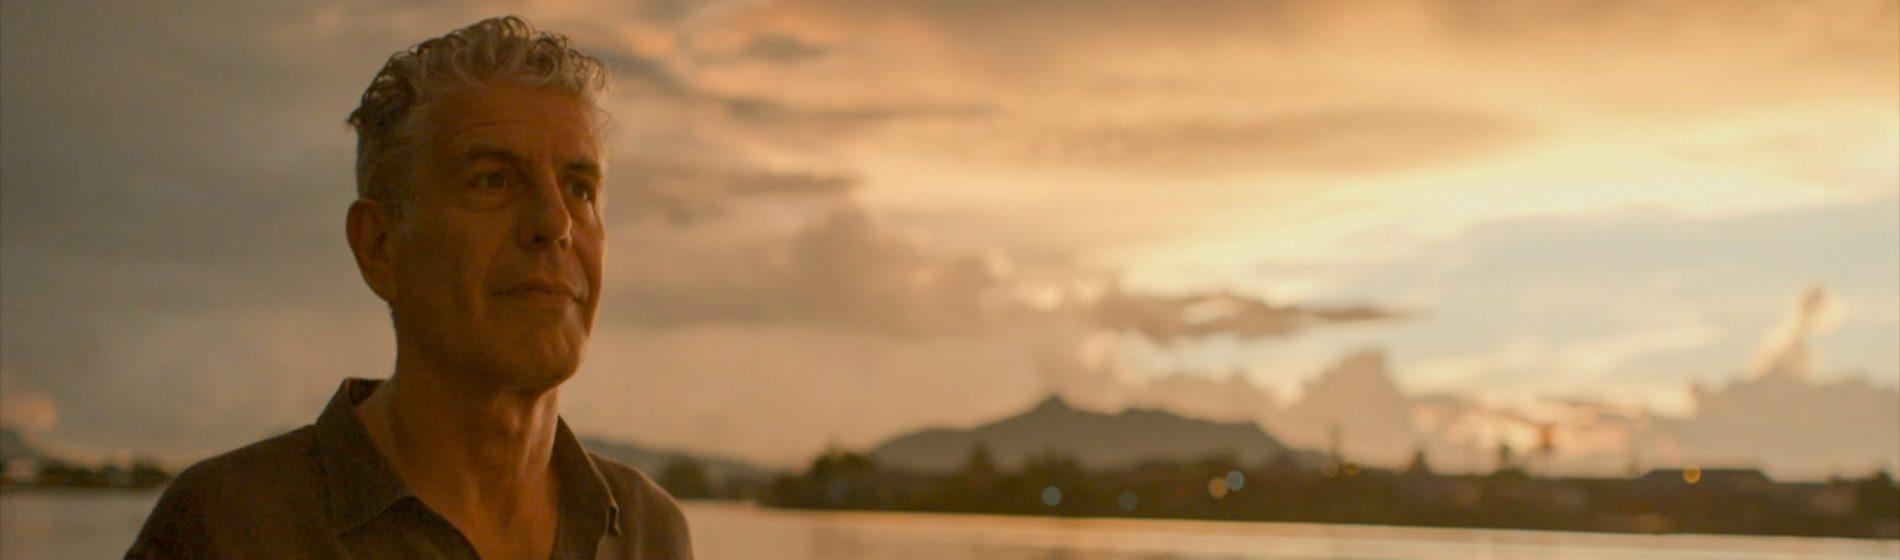 Anthony Bourdain Roadrunner documentary film review